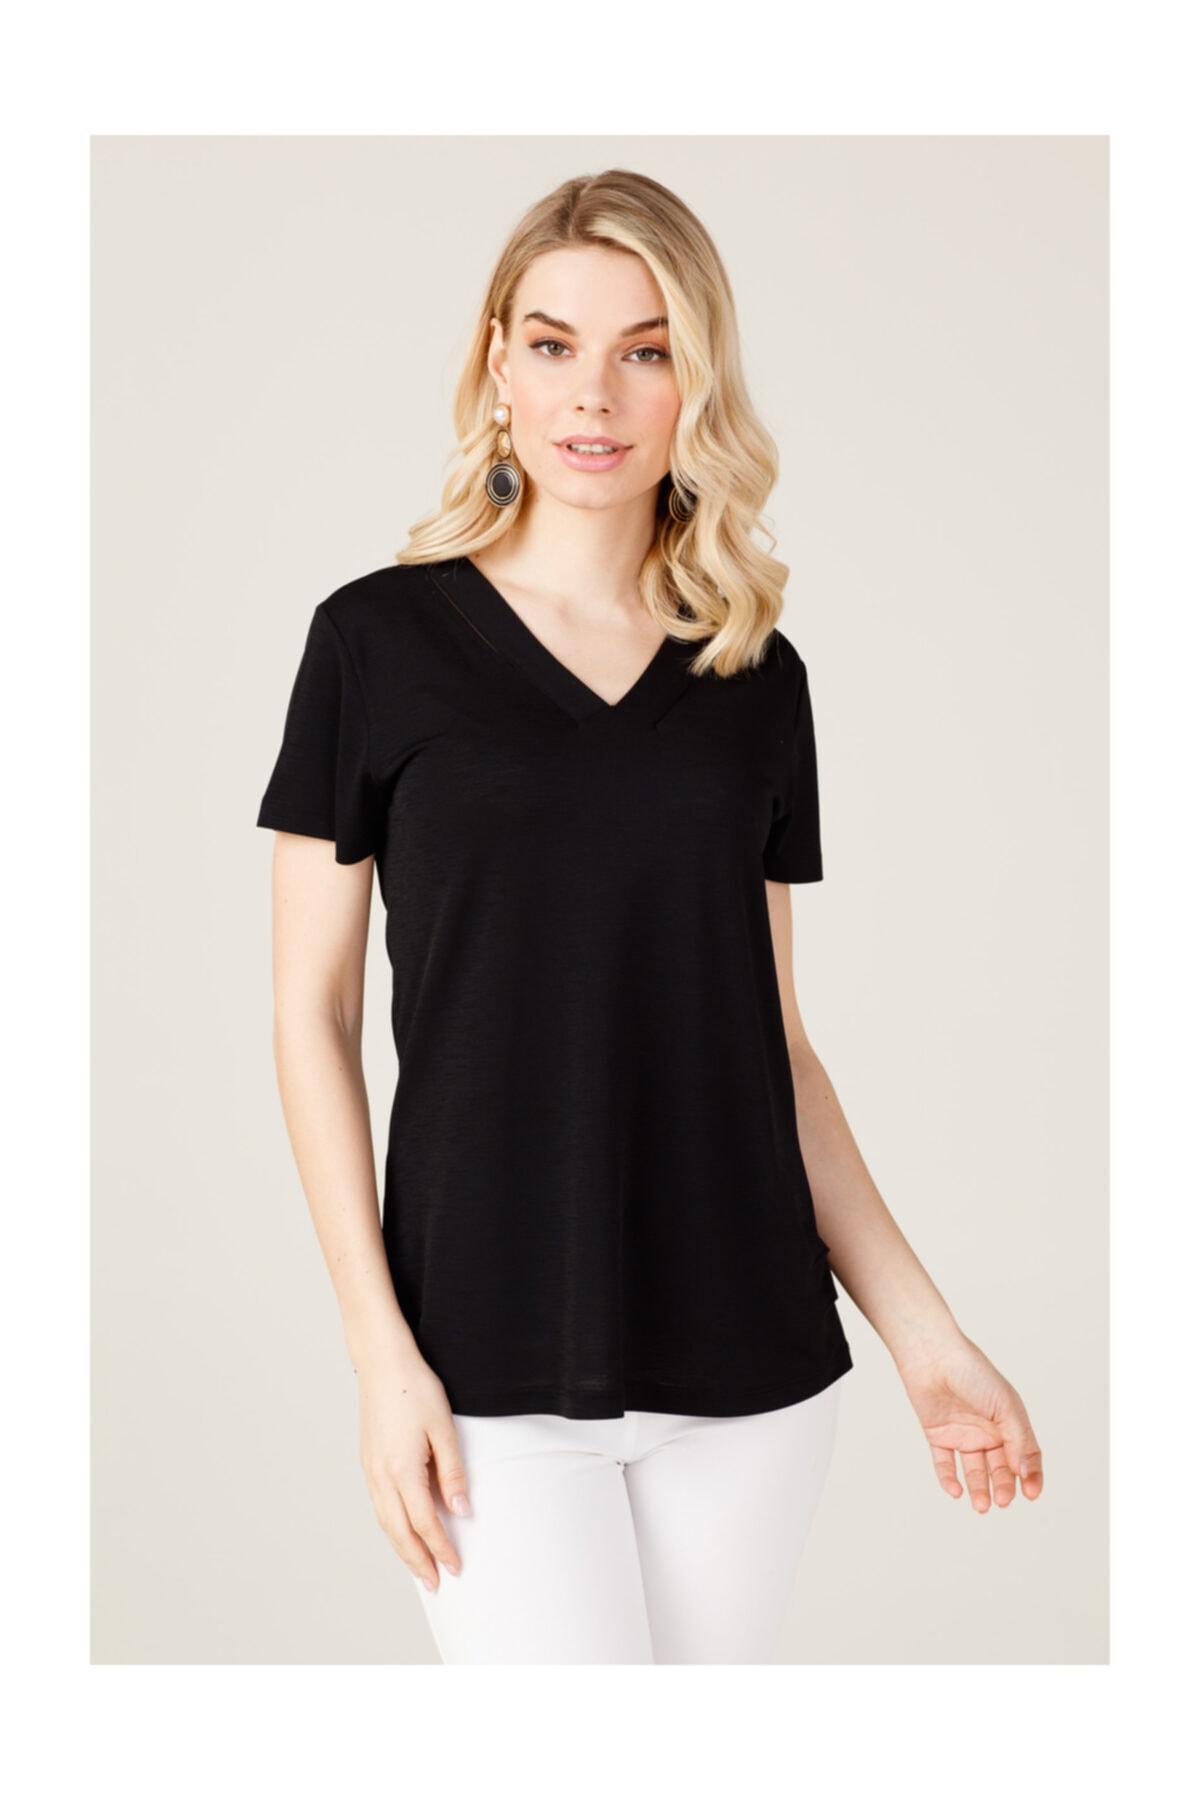 ON Yakası Parçalı Kadın Tişört 2